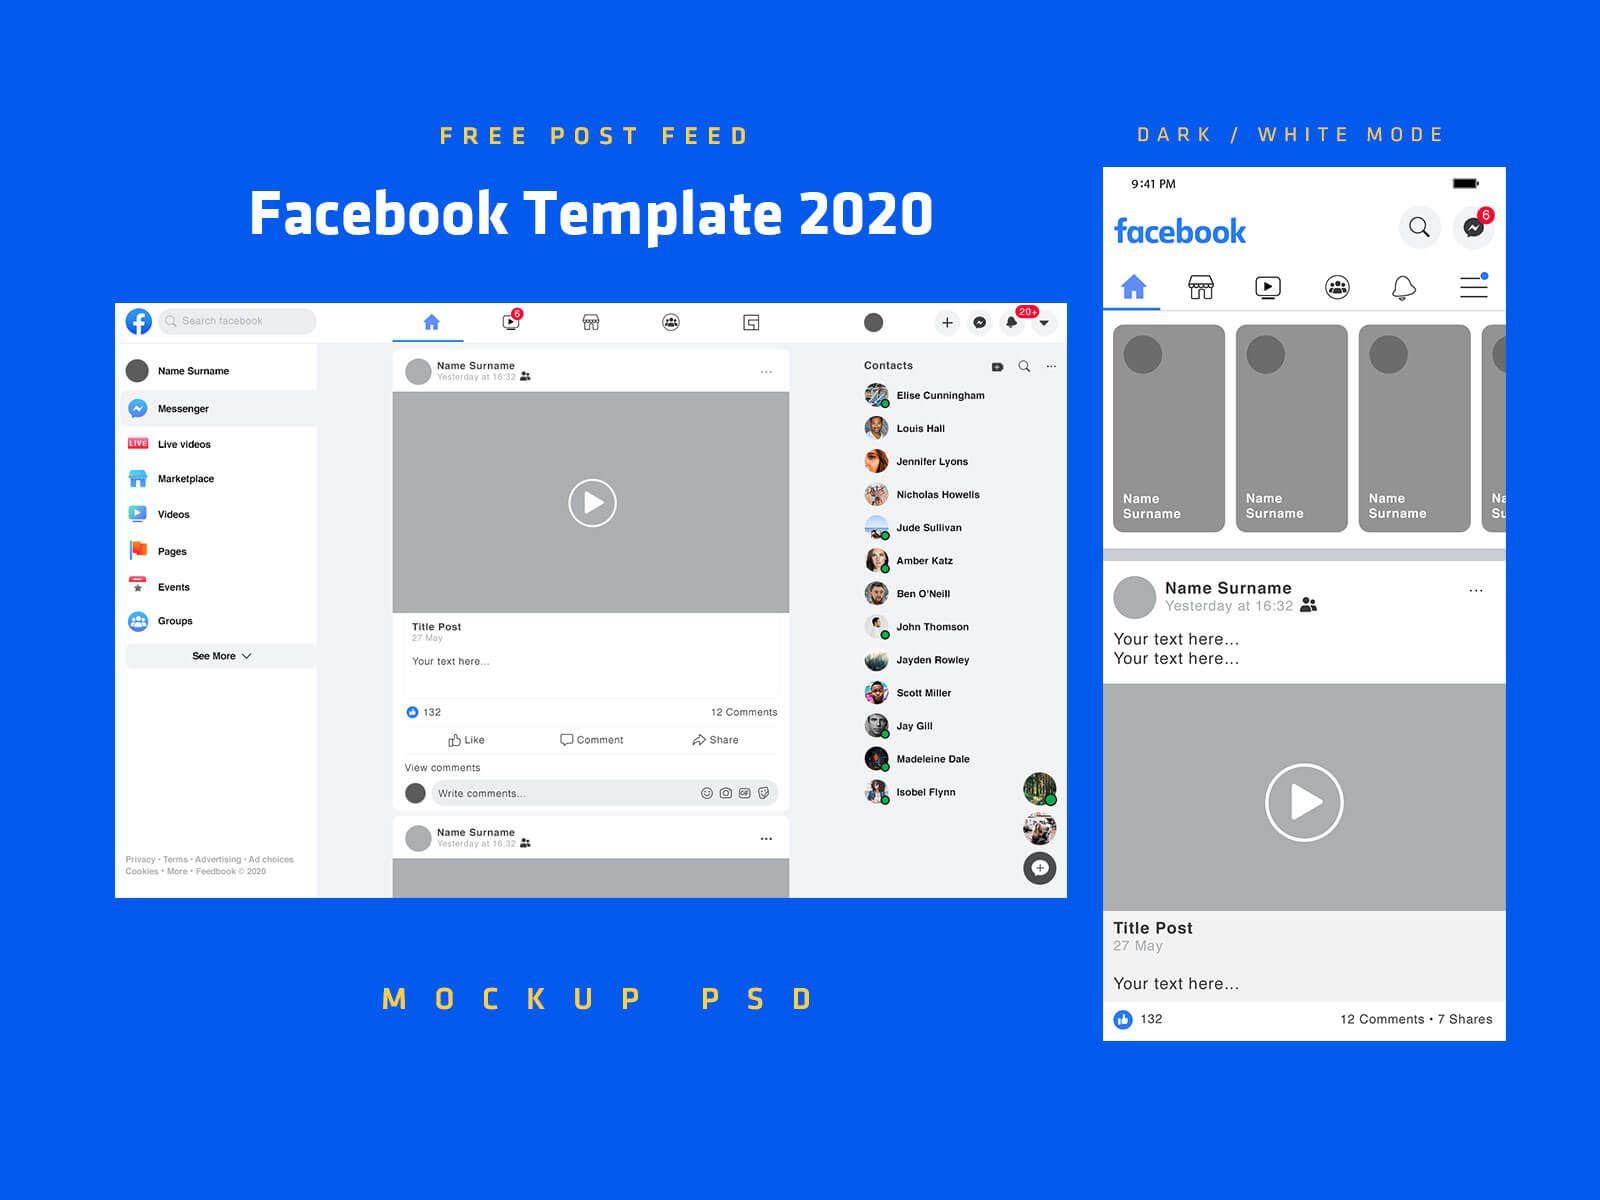 Free Mobile Desktop Facebook Post Feed Template 2020 Mockup Psd Set Good Mockups Mockup Psd Facebook Post Template Facebook Mockup